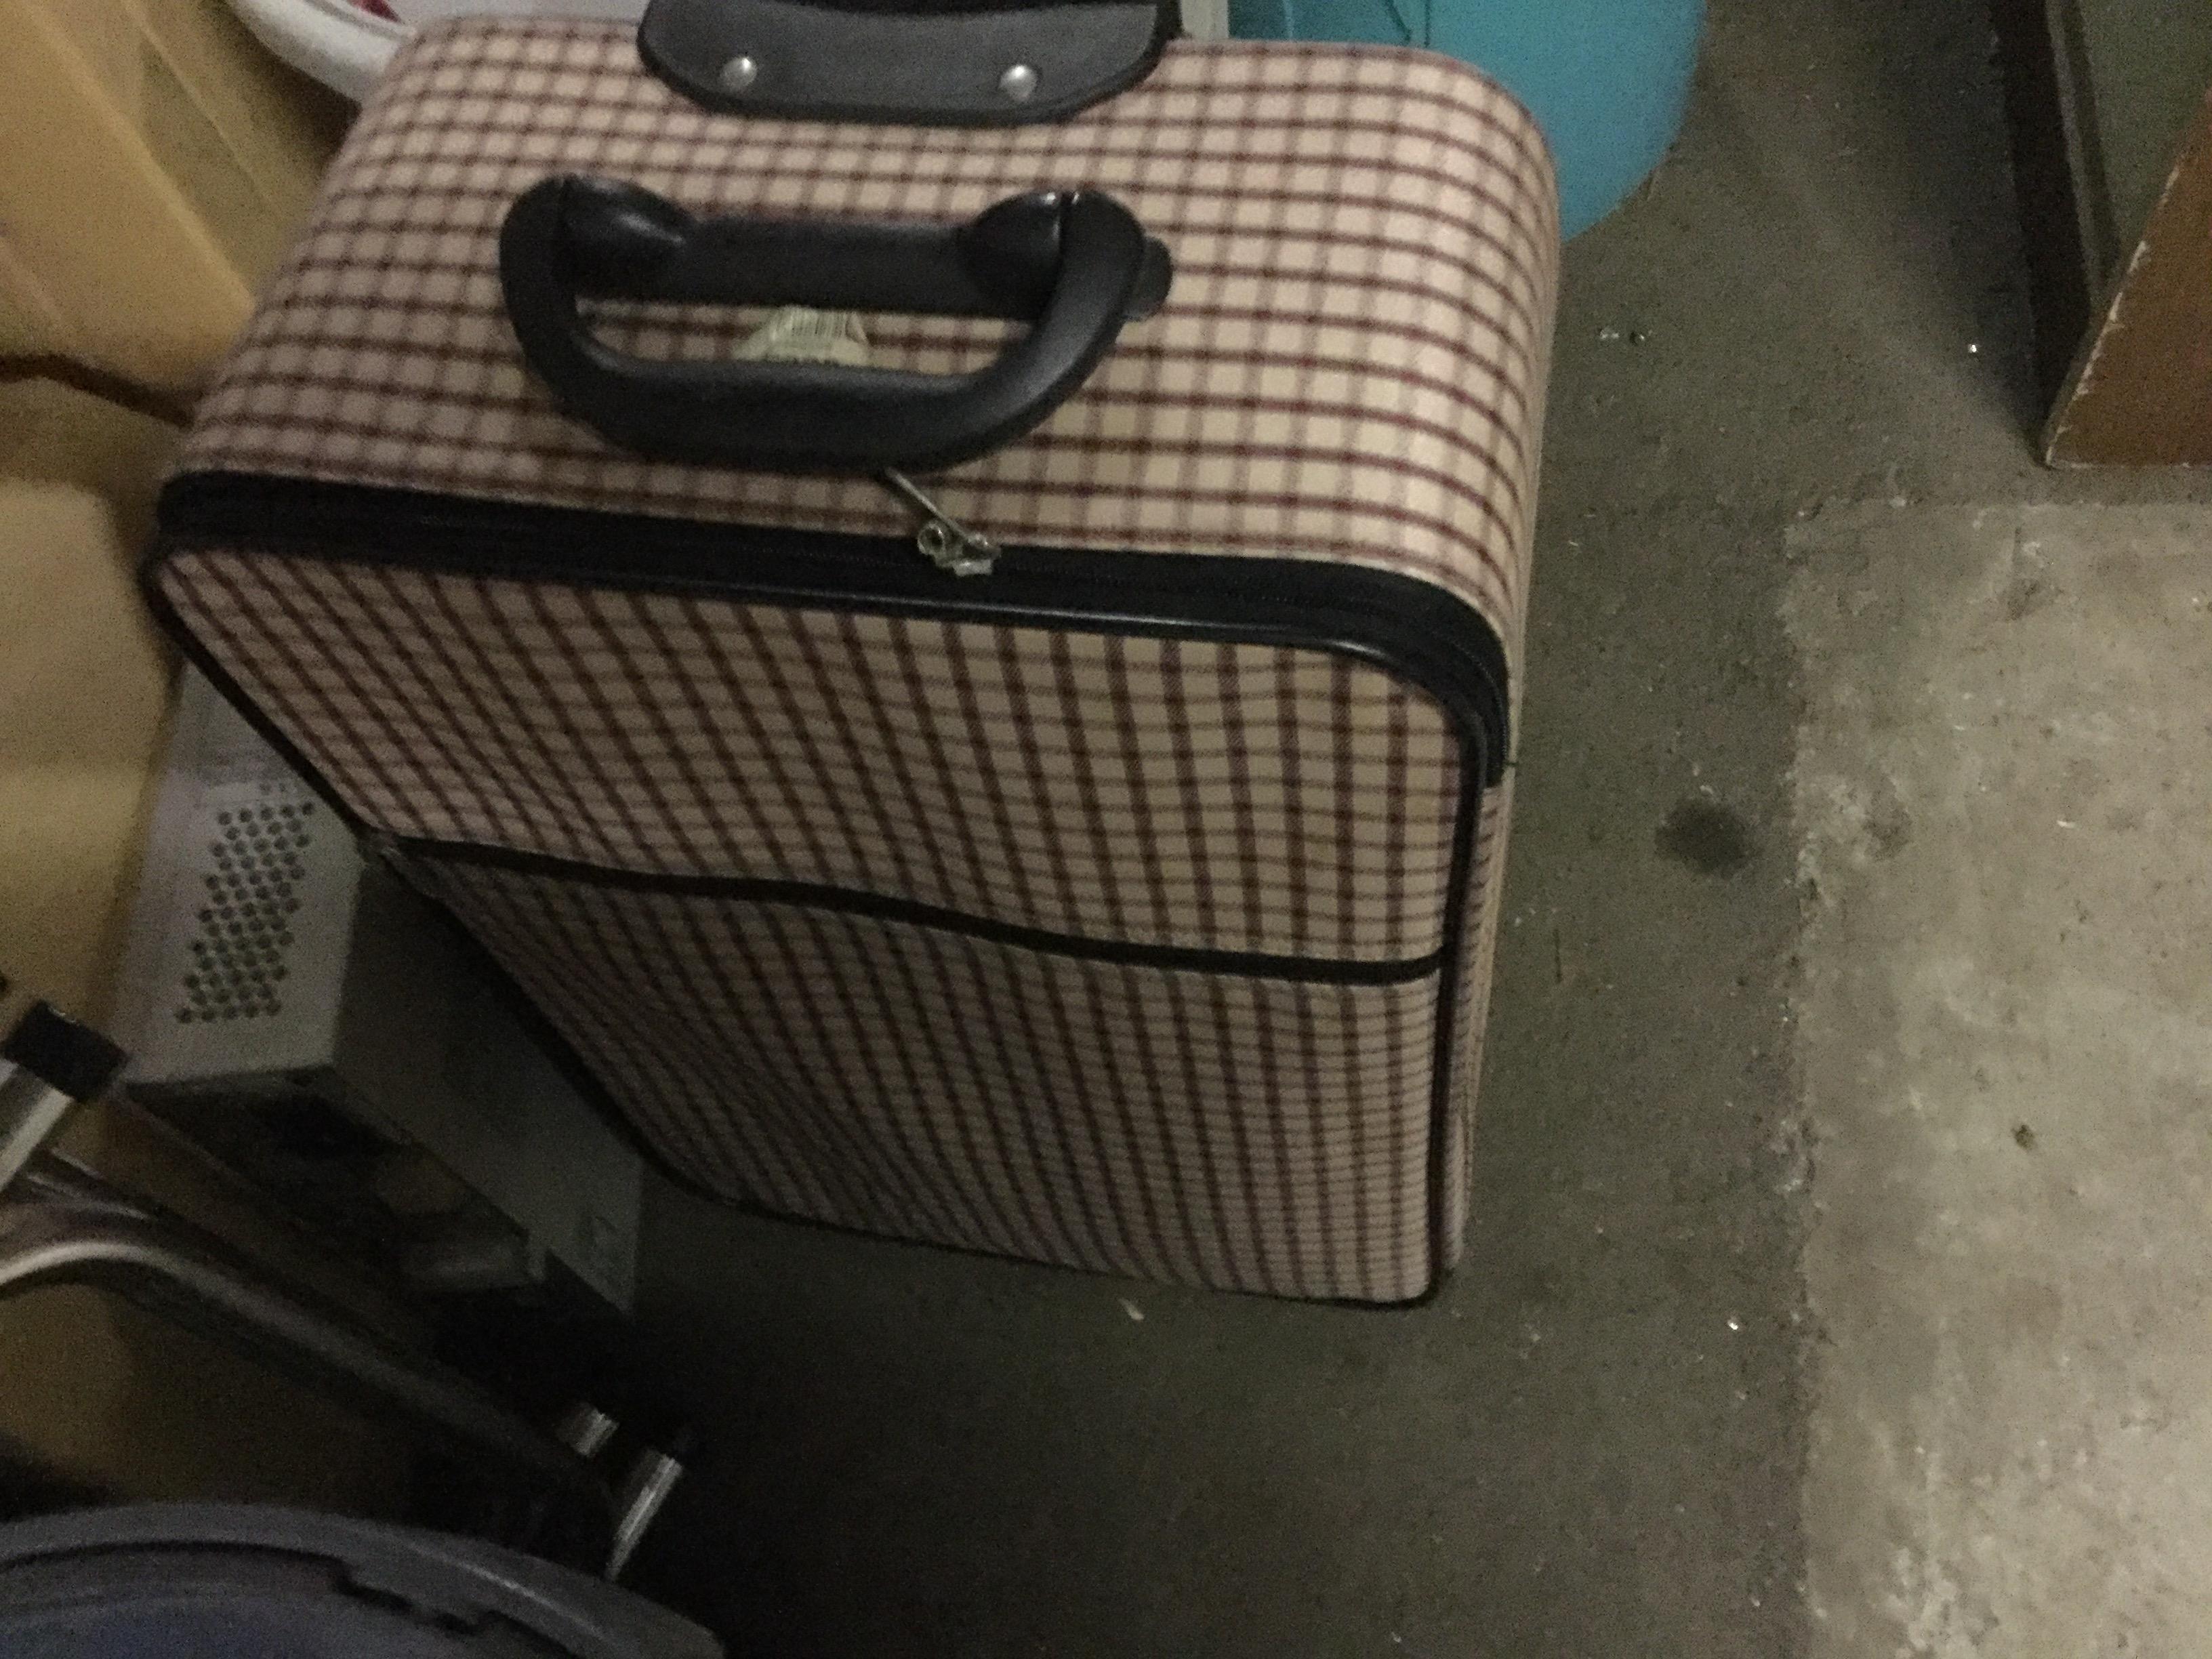 岡山市南区で不用品回収したキャリーバック